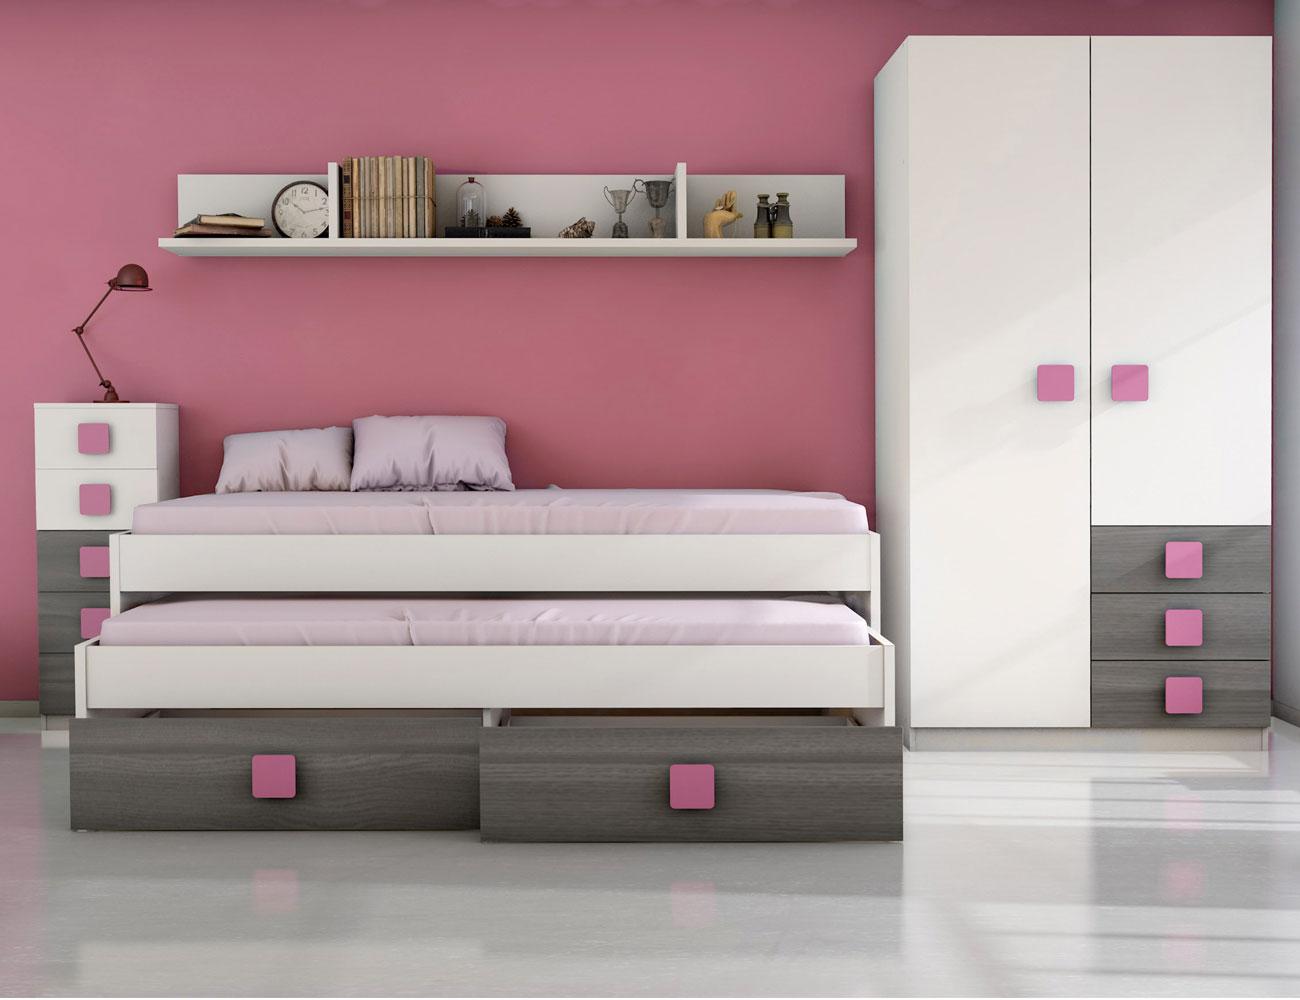 Dormitorio juvenil ceniza rosa1